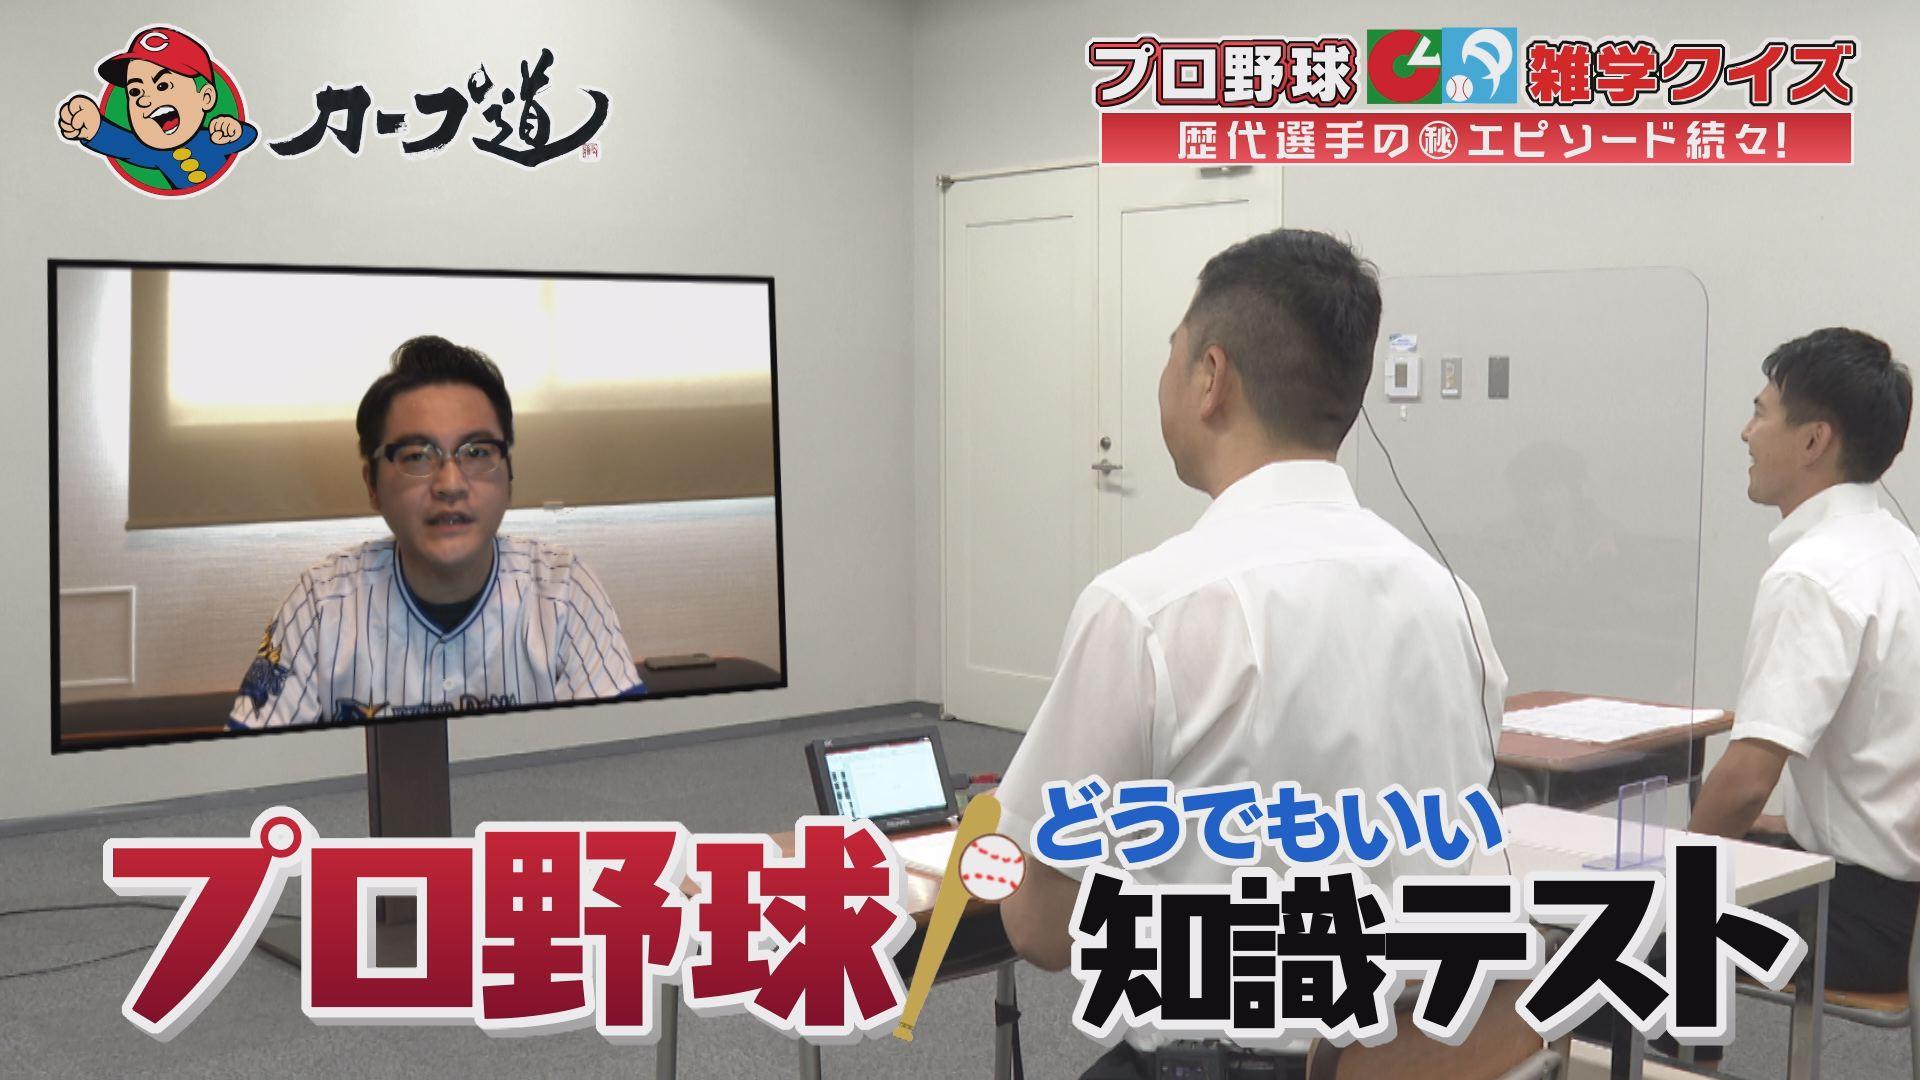 【カープ道】オールスター直前!歴代スター選手の㊙クイズ!